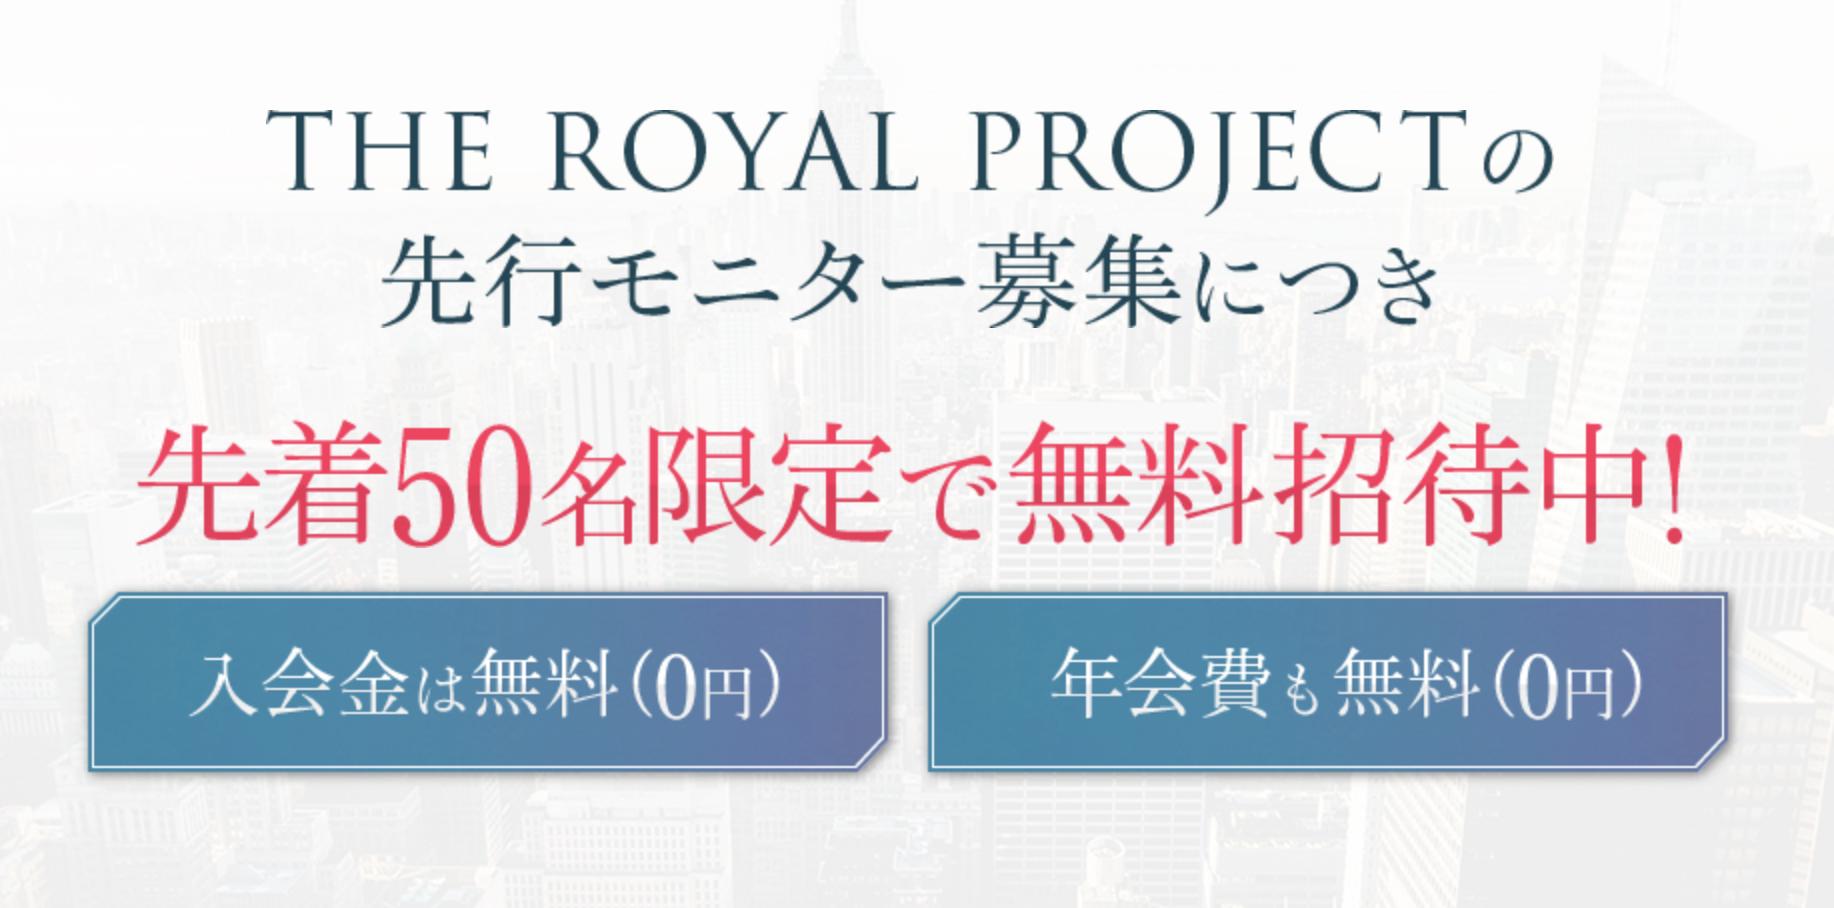 安藤誠のTHE ROYAL(ロイヤル)レター2